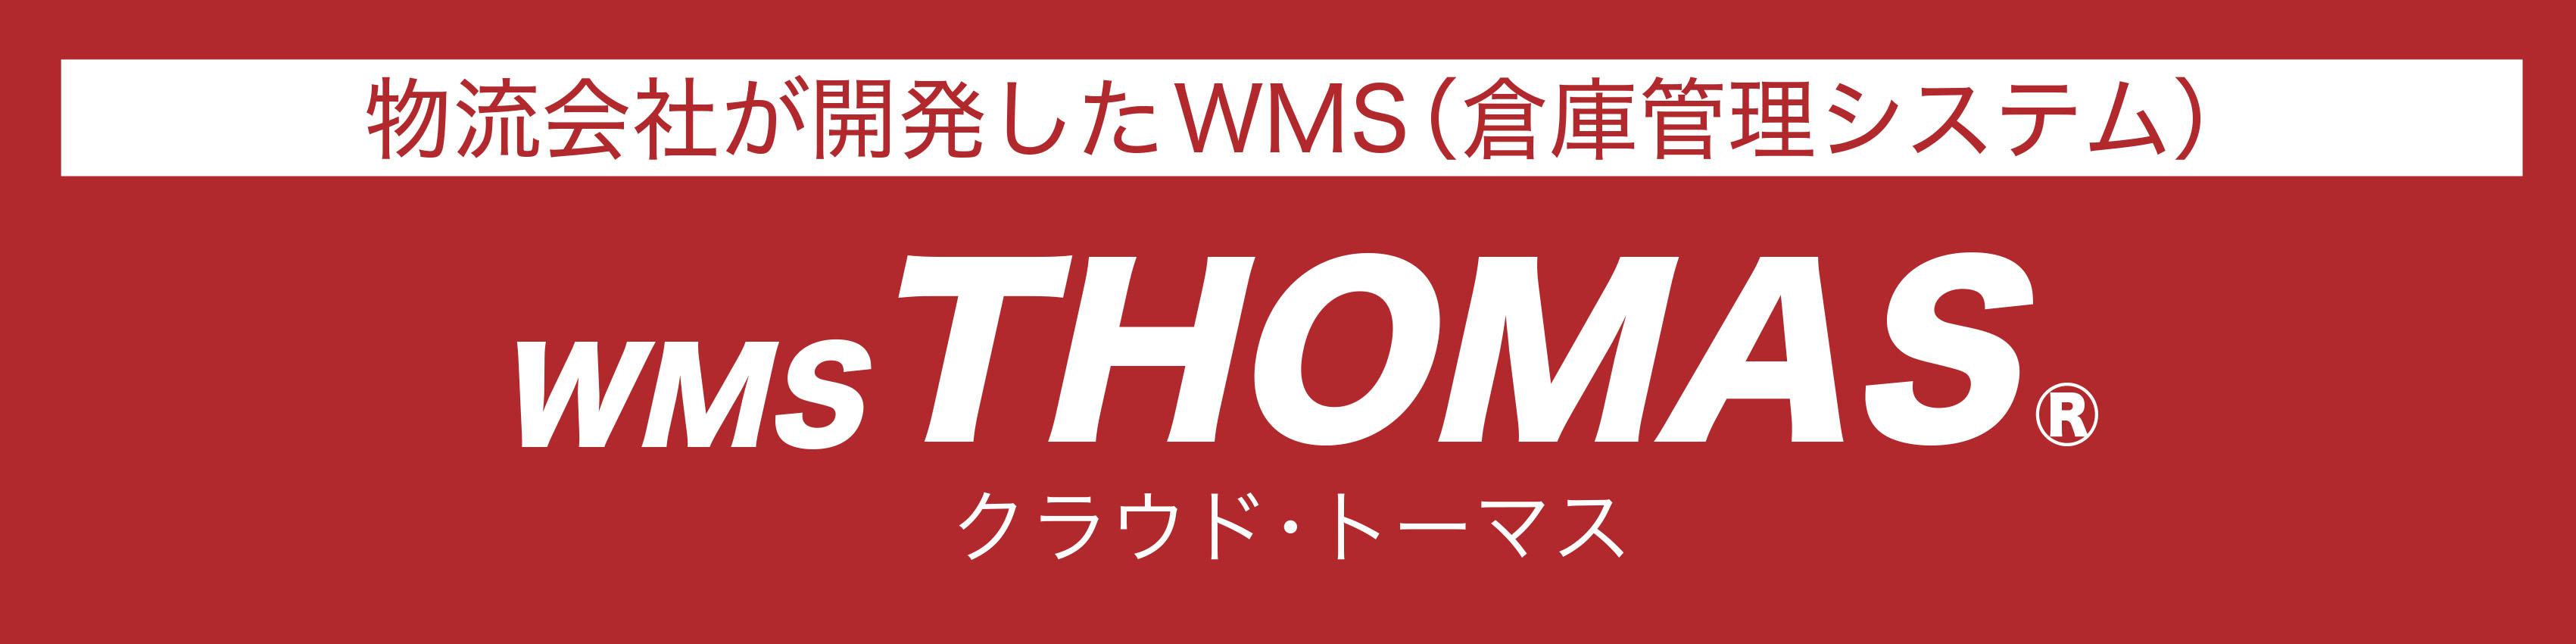 在庫管理システムWMS 物流開発システム